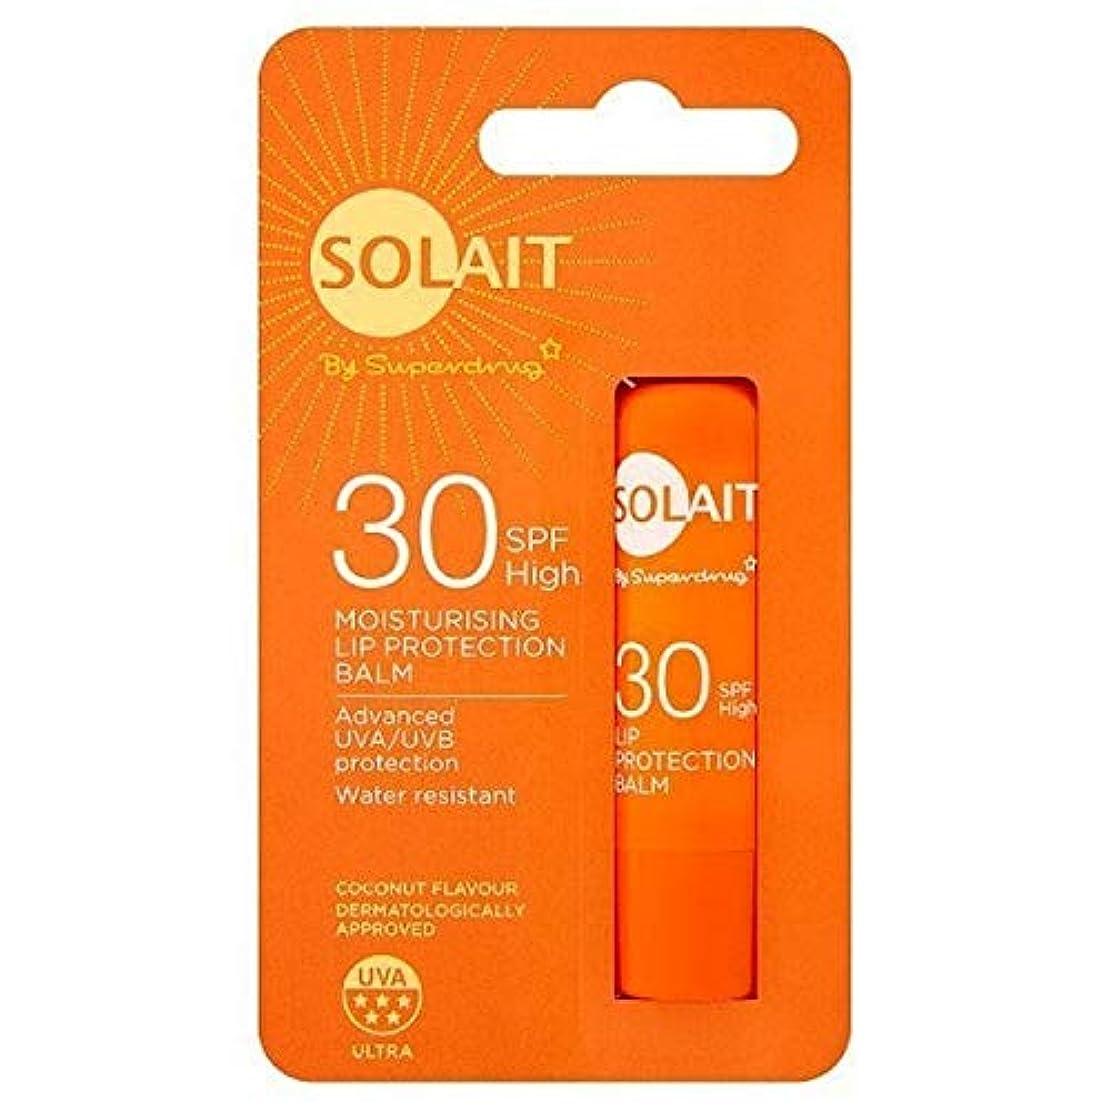 歯痛正規化ハンサム[Solait] SolaitリッププロテクタースティックSpf30の4,8G - Solait Lip Protector Stick SPF30 4,8g [並行輸入品]